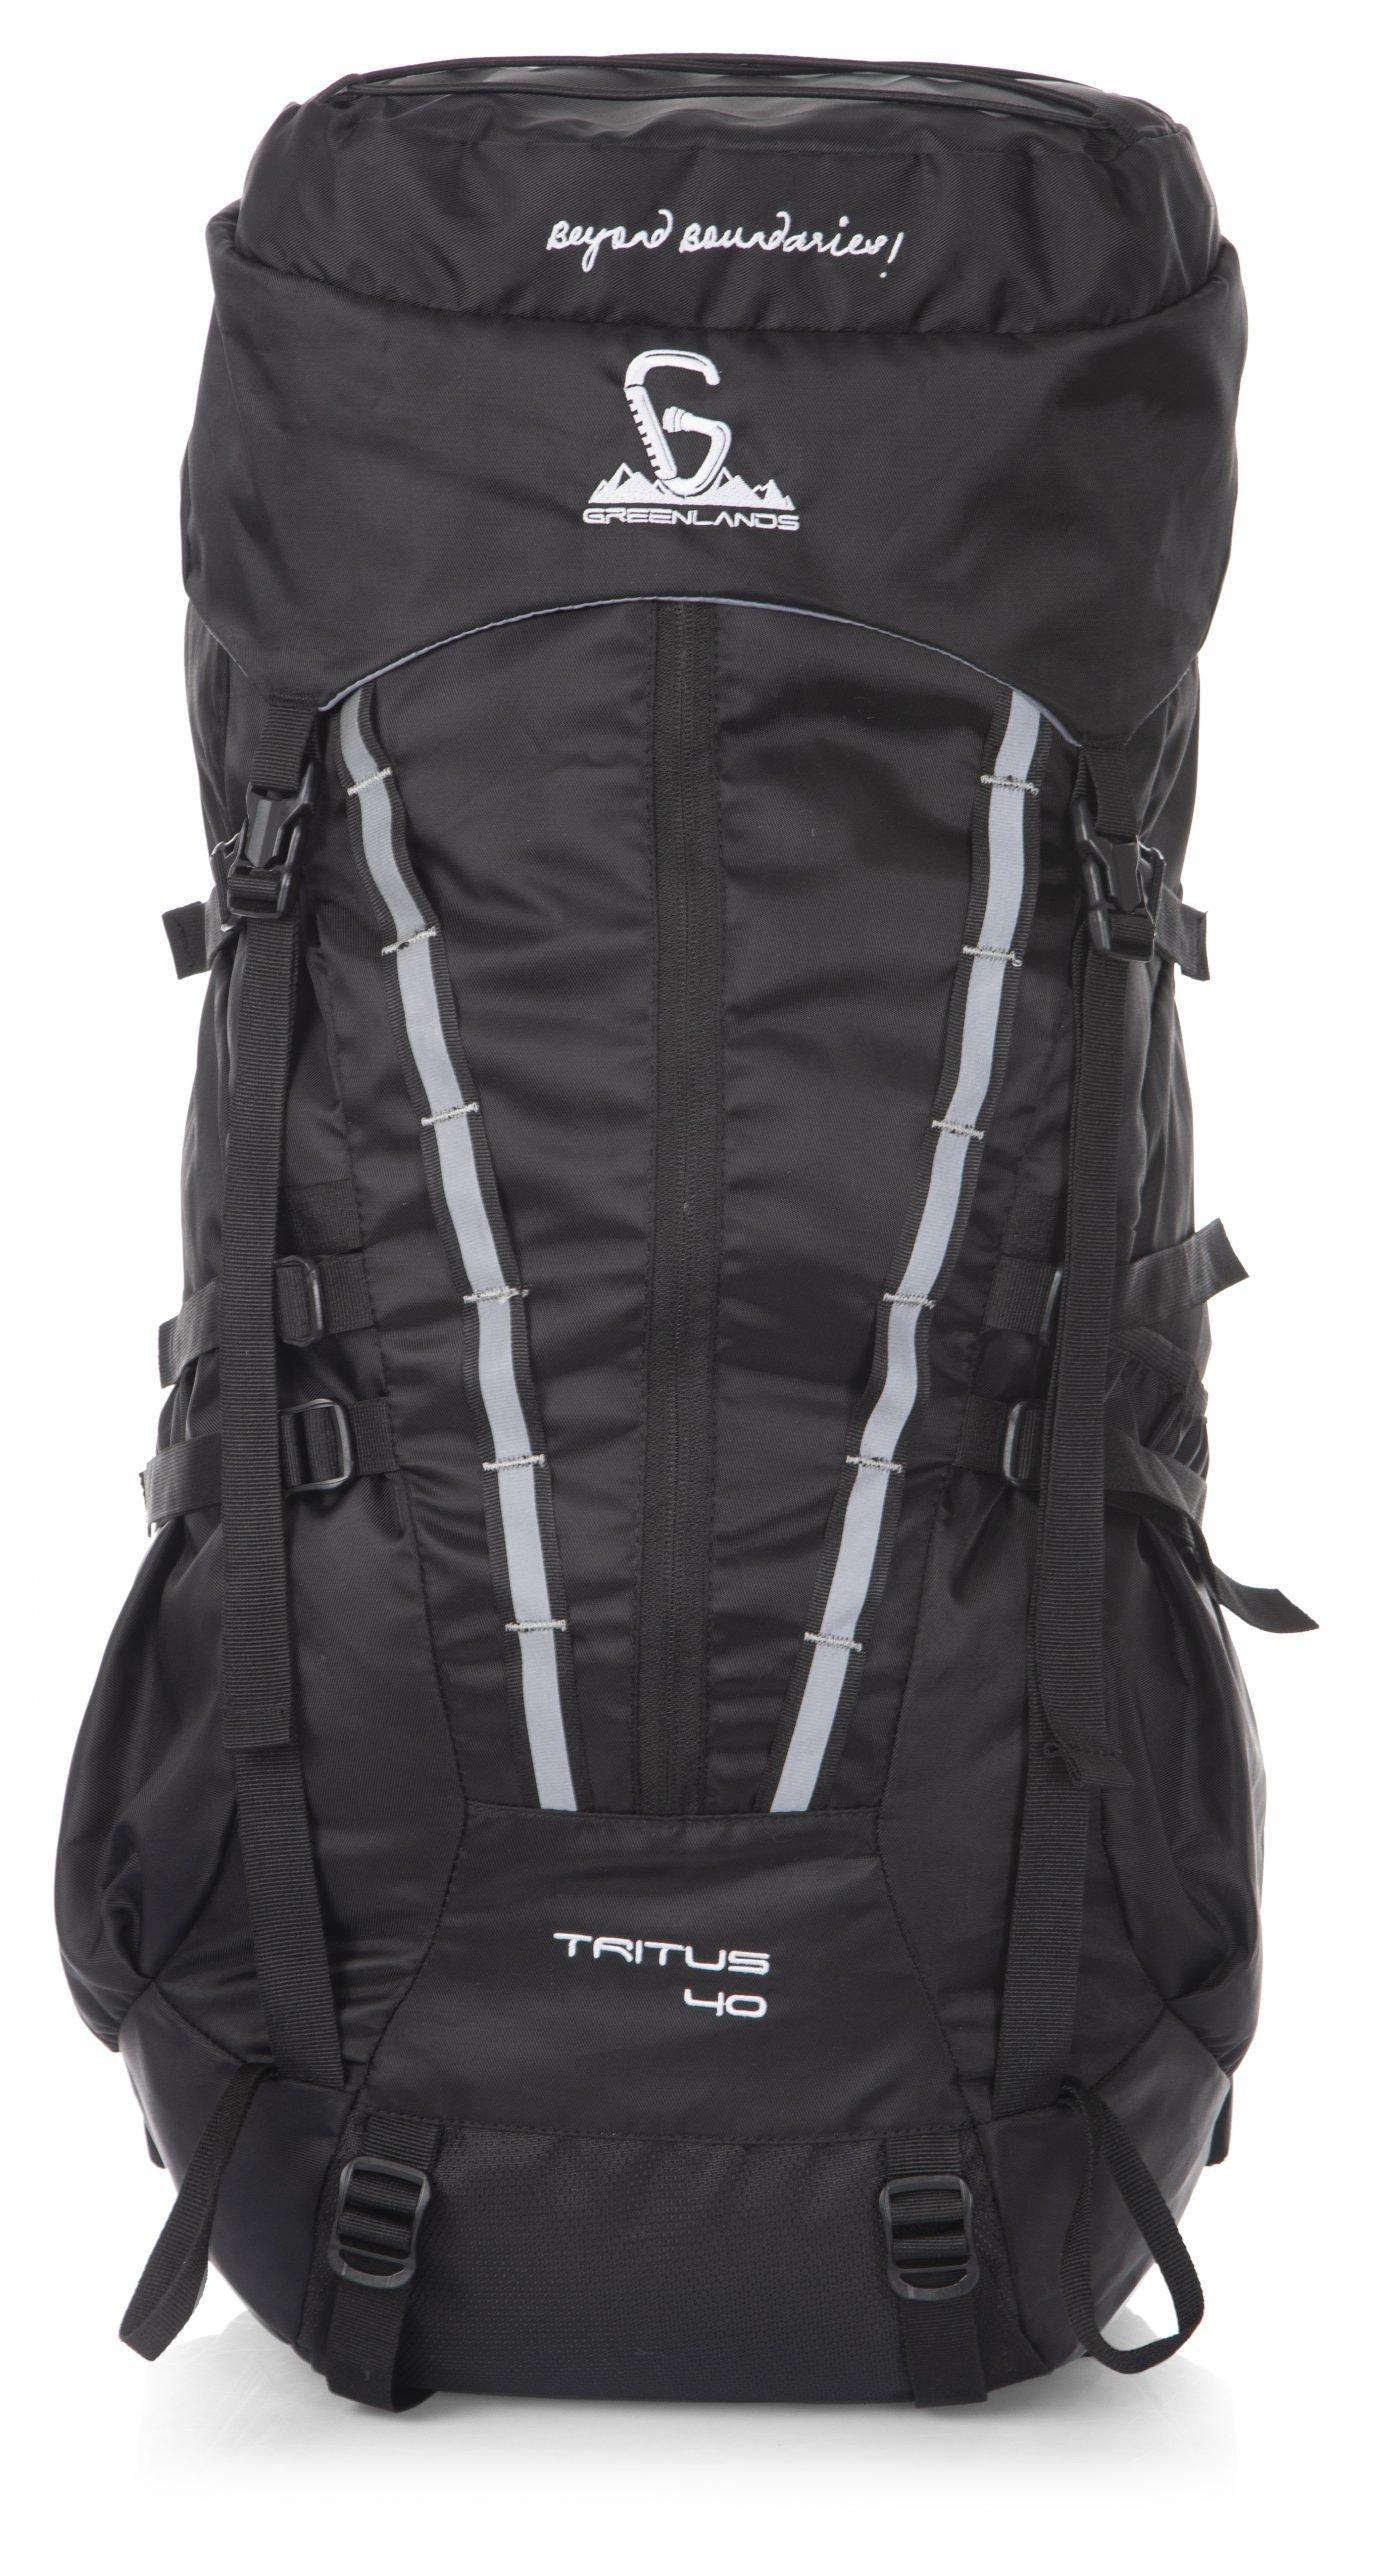 TRITUS 40 Bag